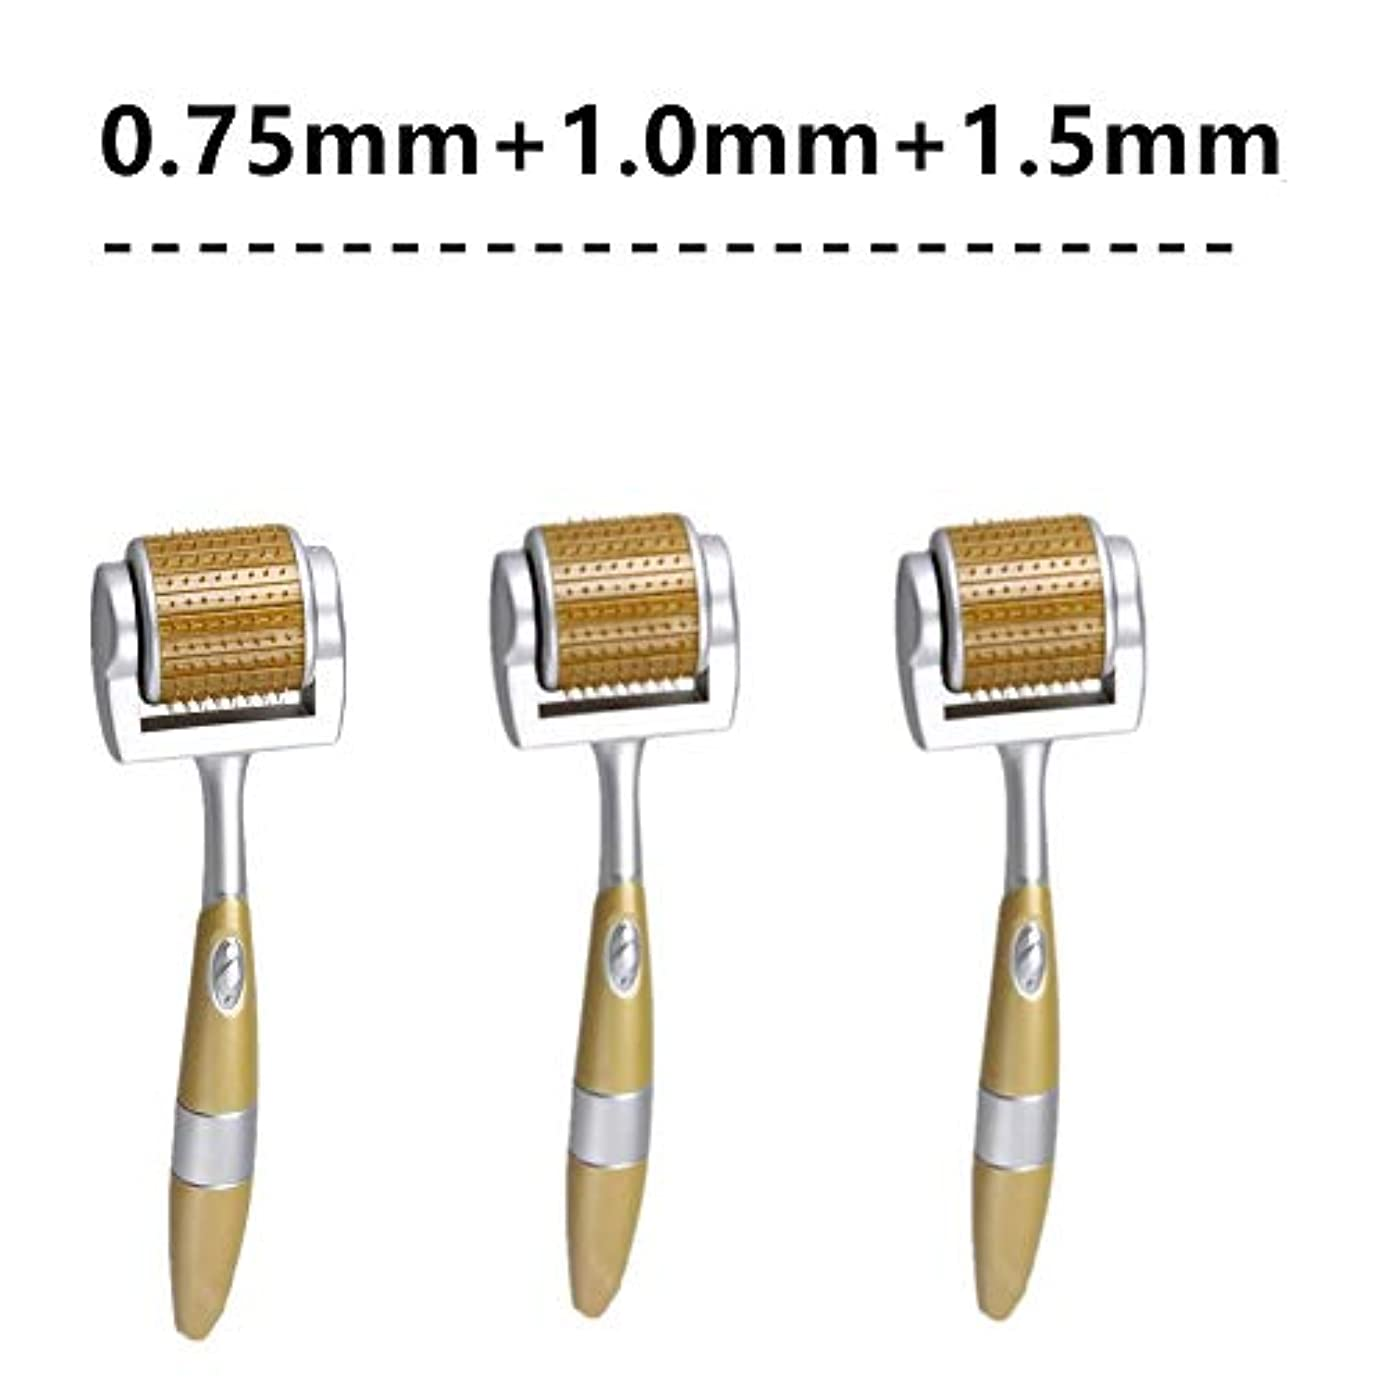 乏しい悪い名前で皮膚の再生、顔抜け毛ストレッチ針プロフェッショナルのためのアンチエイジング、しわ、ストレッチマークや傷跡削減ケアのための0.75ミリメートル、1.0ミリメートル、1.5ミリメートルを含むローラーMicroneedling...